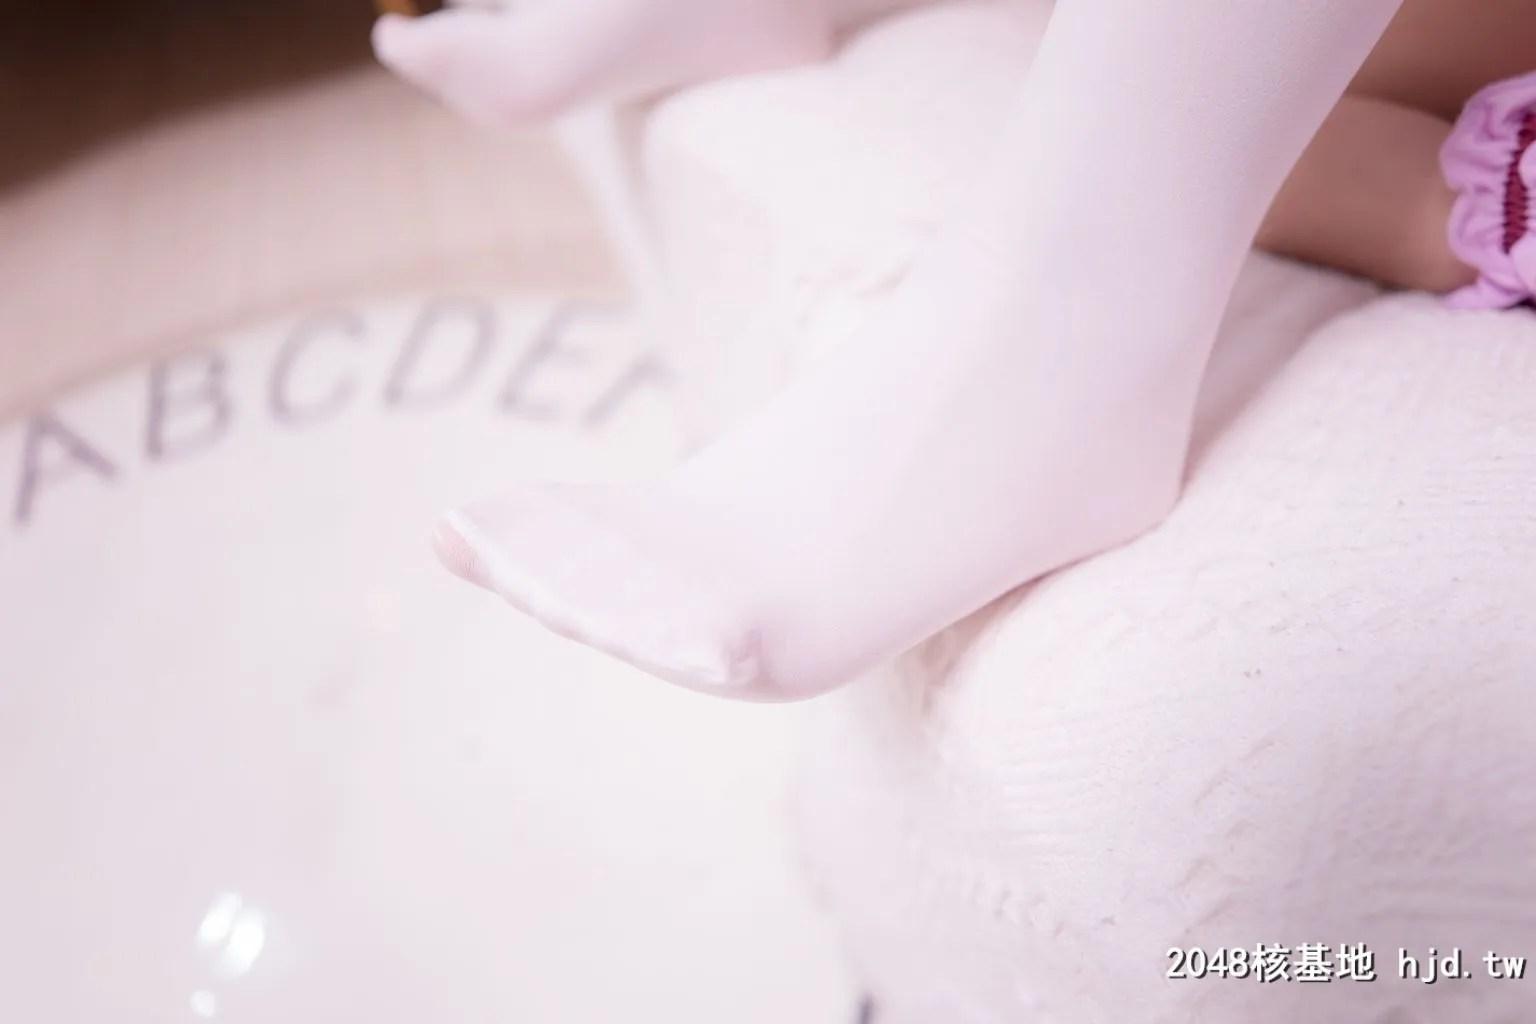 《路人女主的养成方法》 加藤惠白色胖次的诱惑Cosplay【CN:神楽坂真冬】 (35P)插图(7)